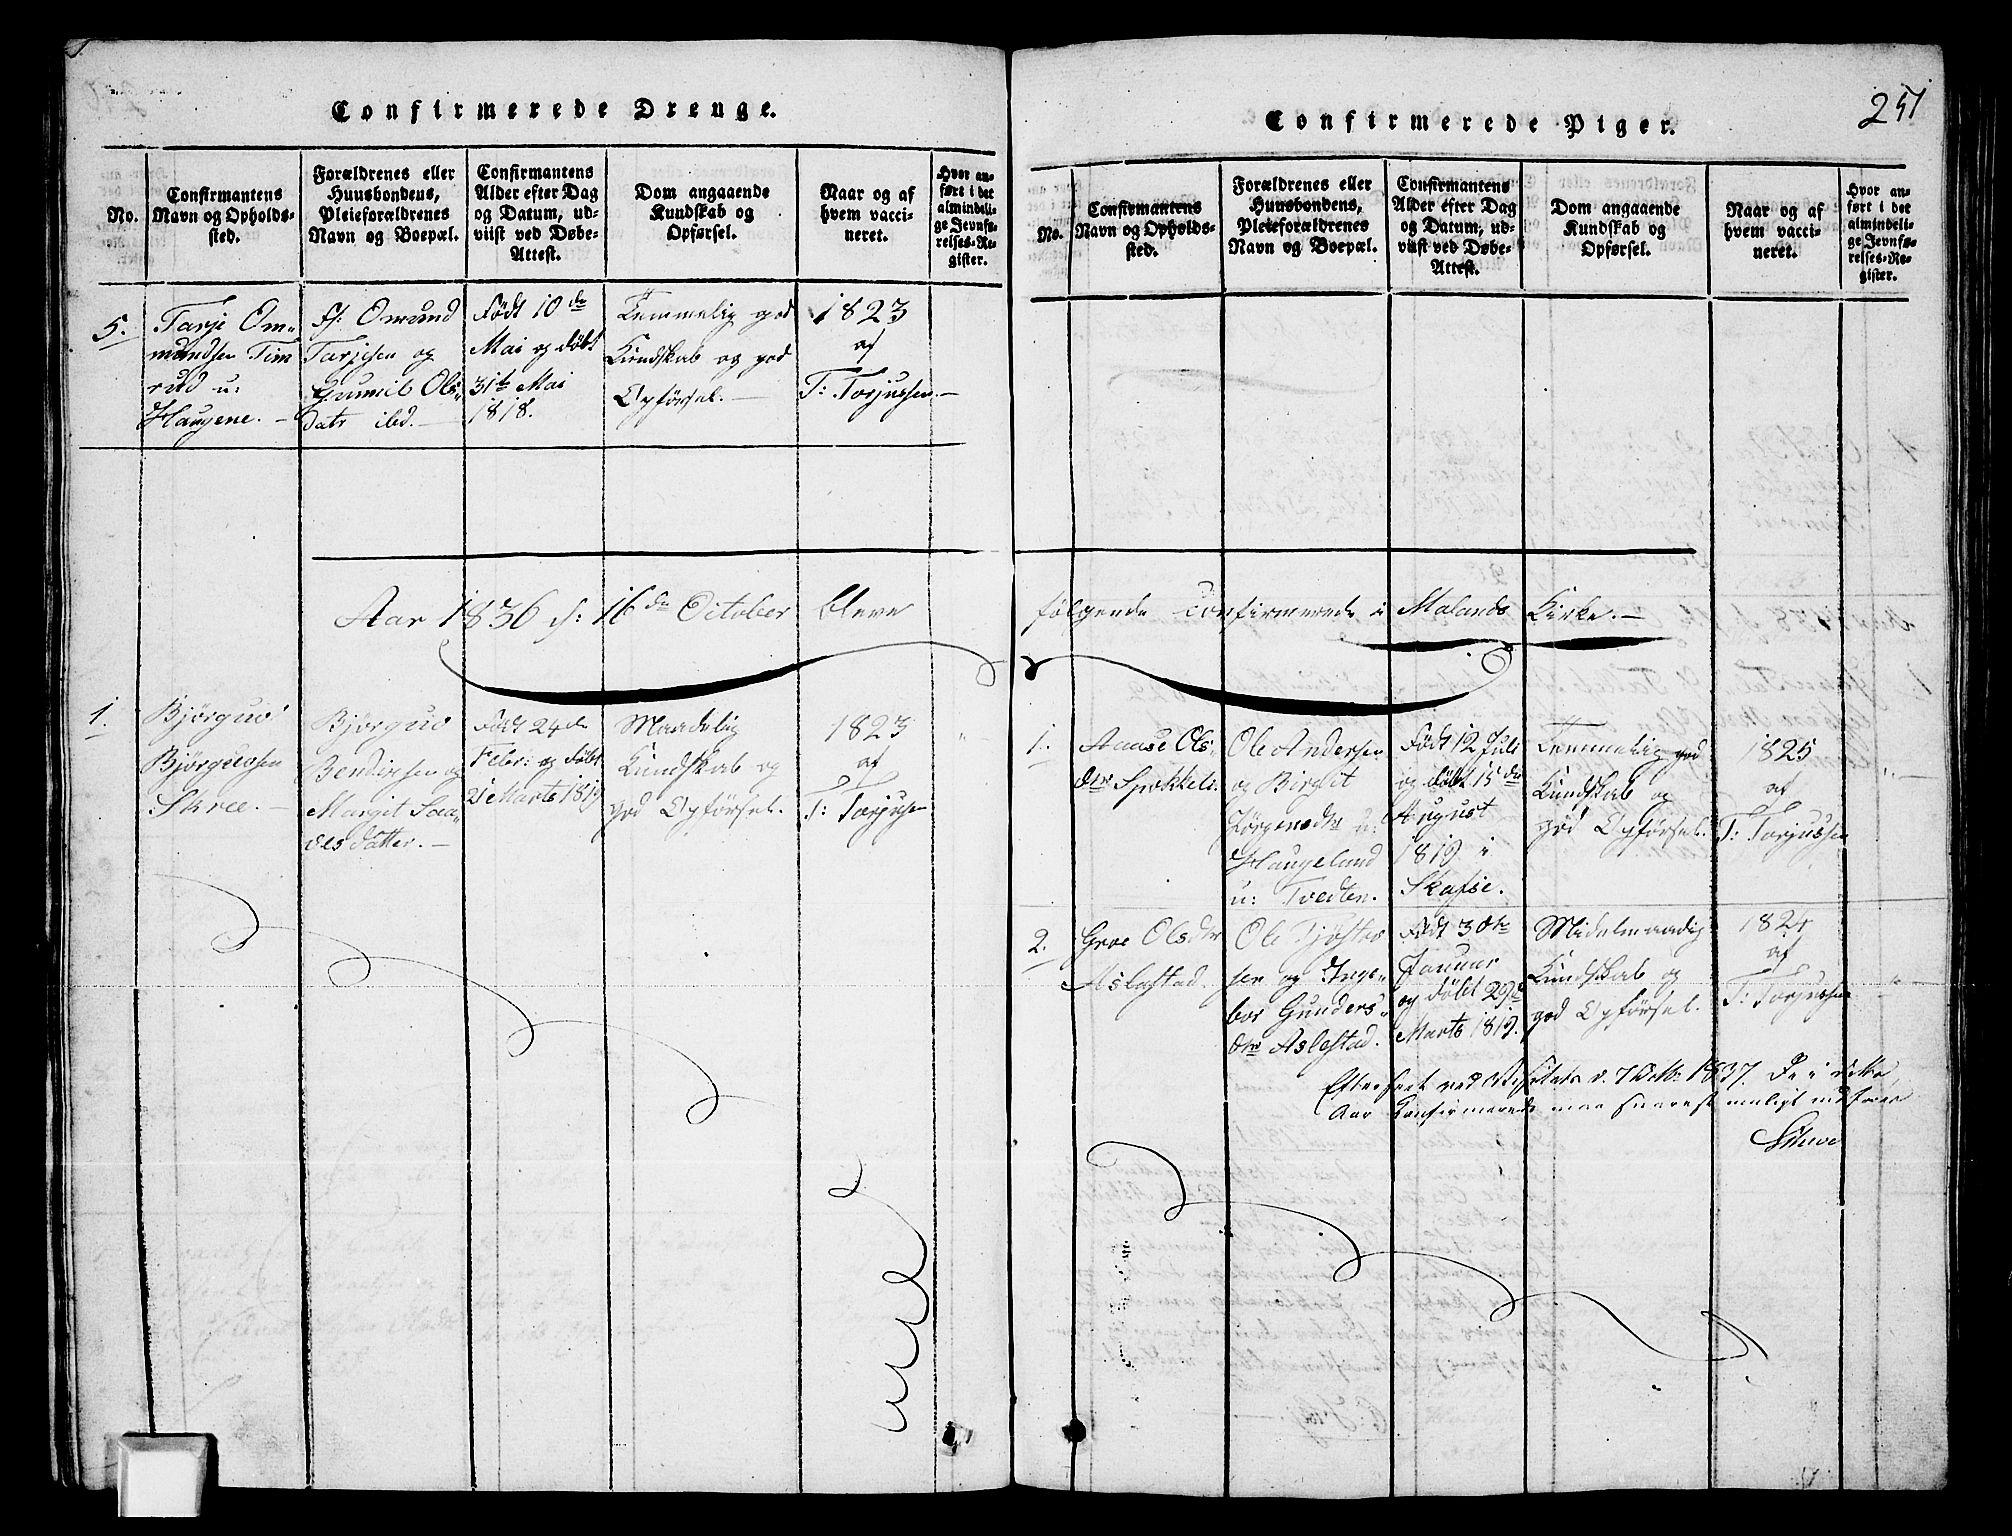 SAKO, Fyresdal kirkebøker, G/Ga/L0003: Klokkerbok nr. I 3, 1815-1863, s. 251